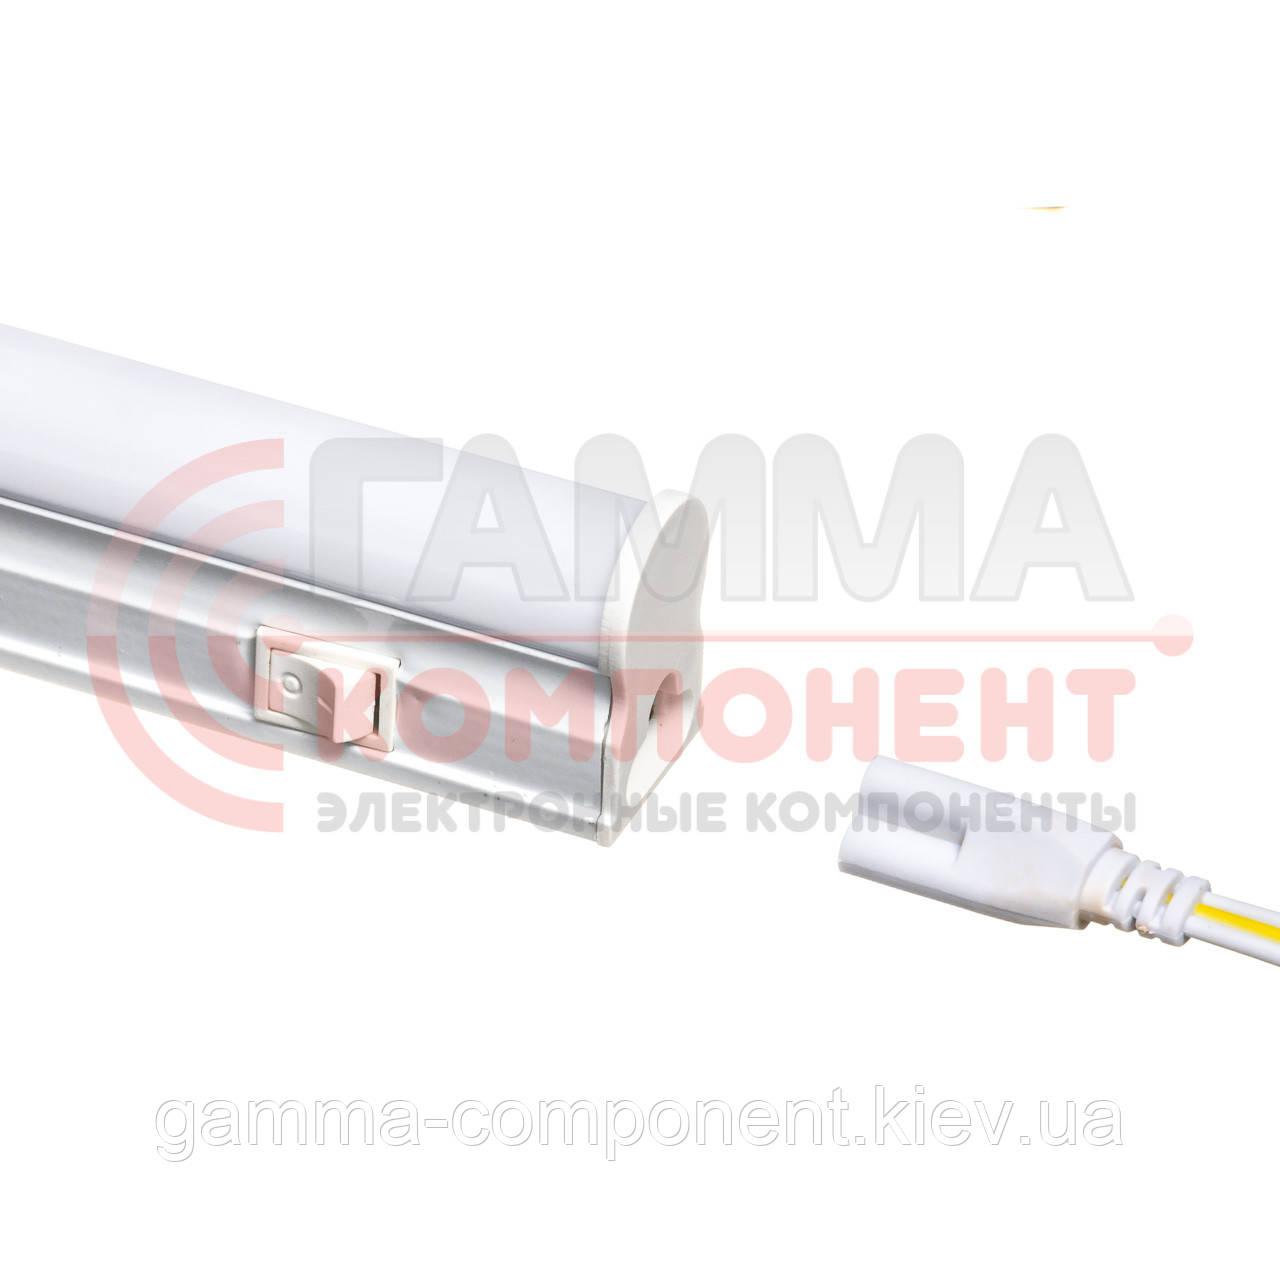 Светодиодный светильник Т5 линейный накладной 9Вт, нейтральный белый, 60 см